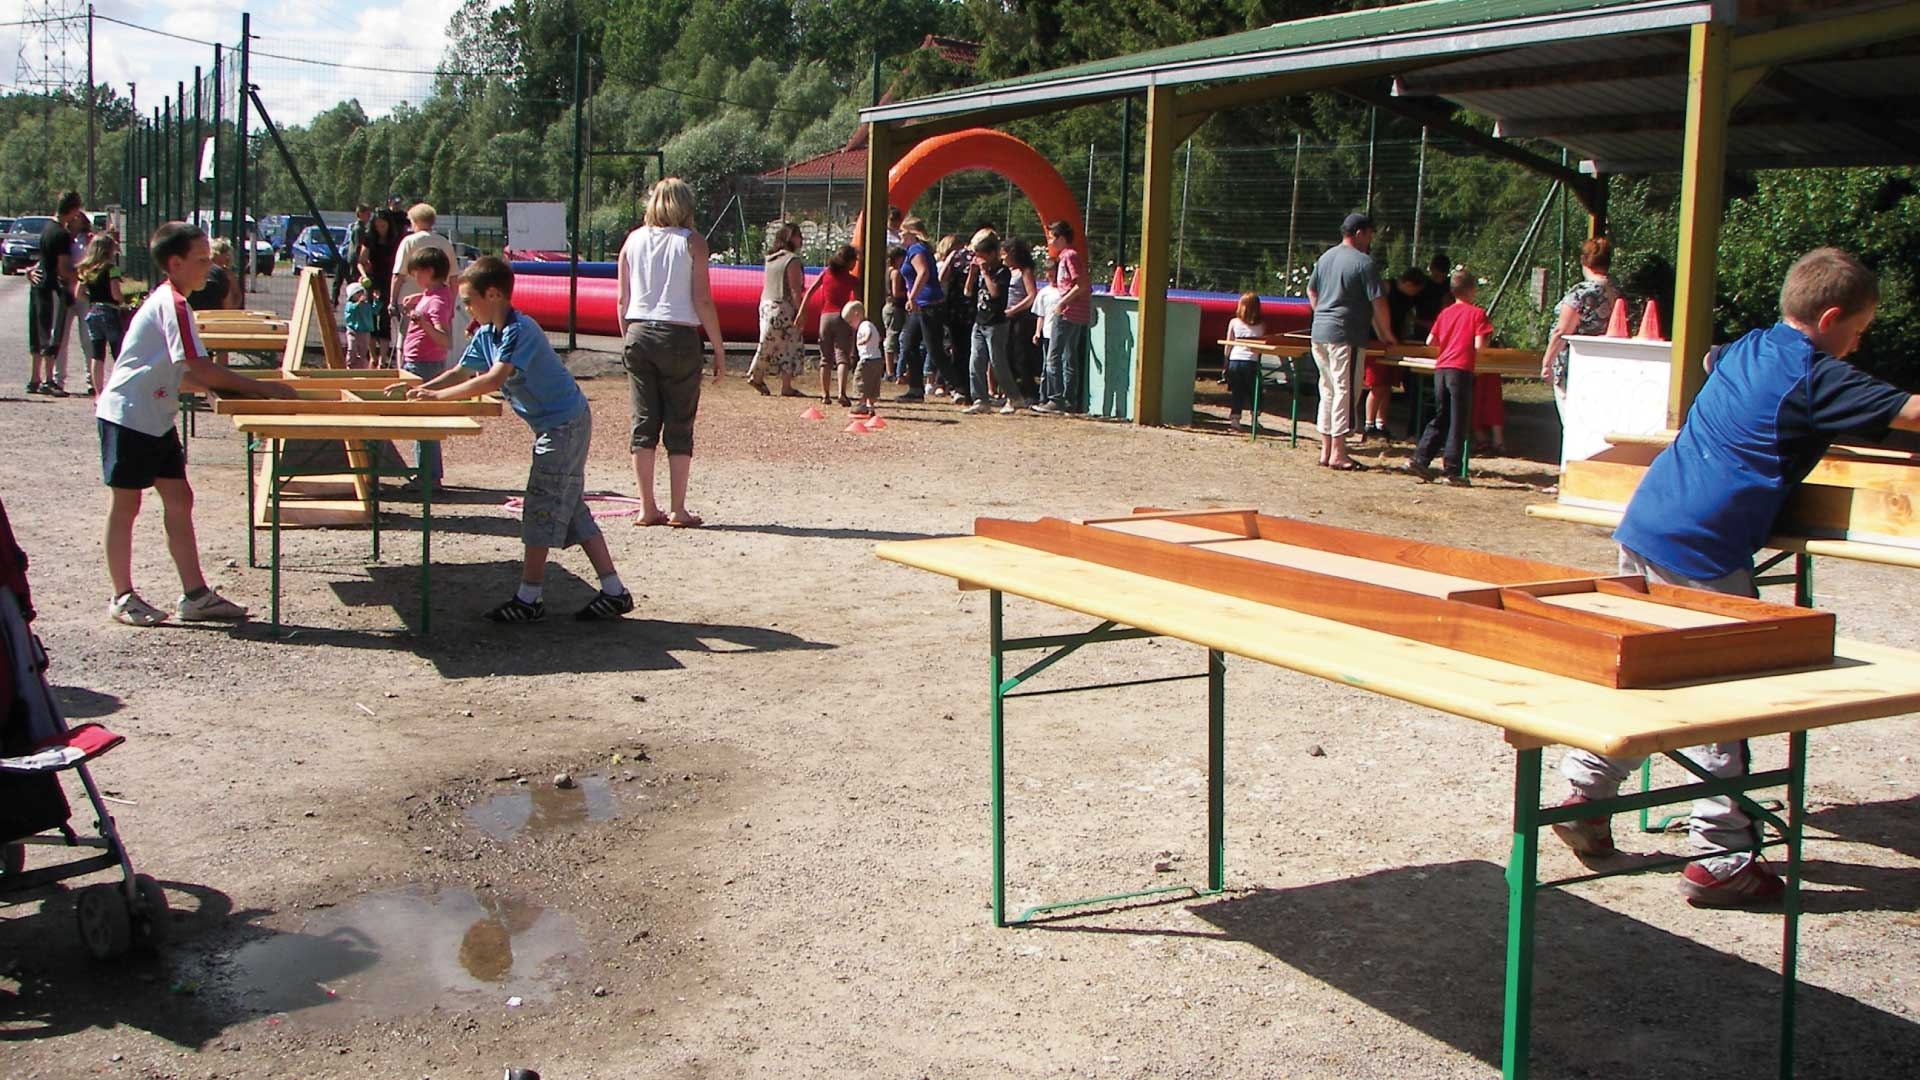 Jeux en plein air pour enfants - Camping du Molinel - Tortefontaine